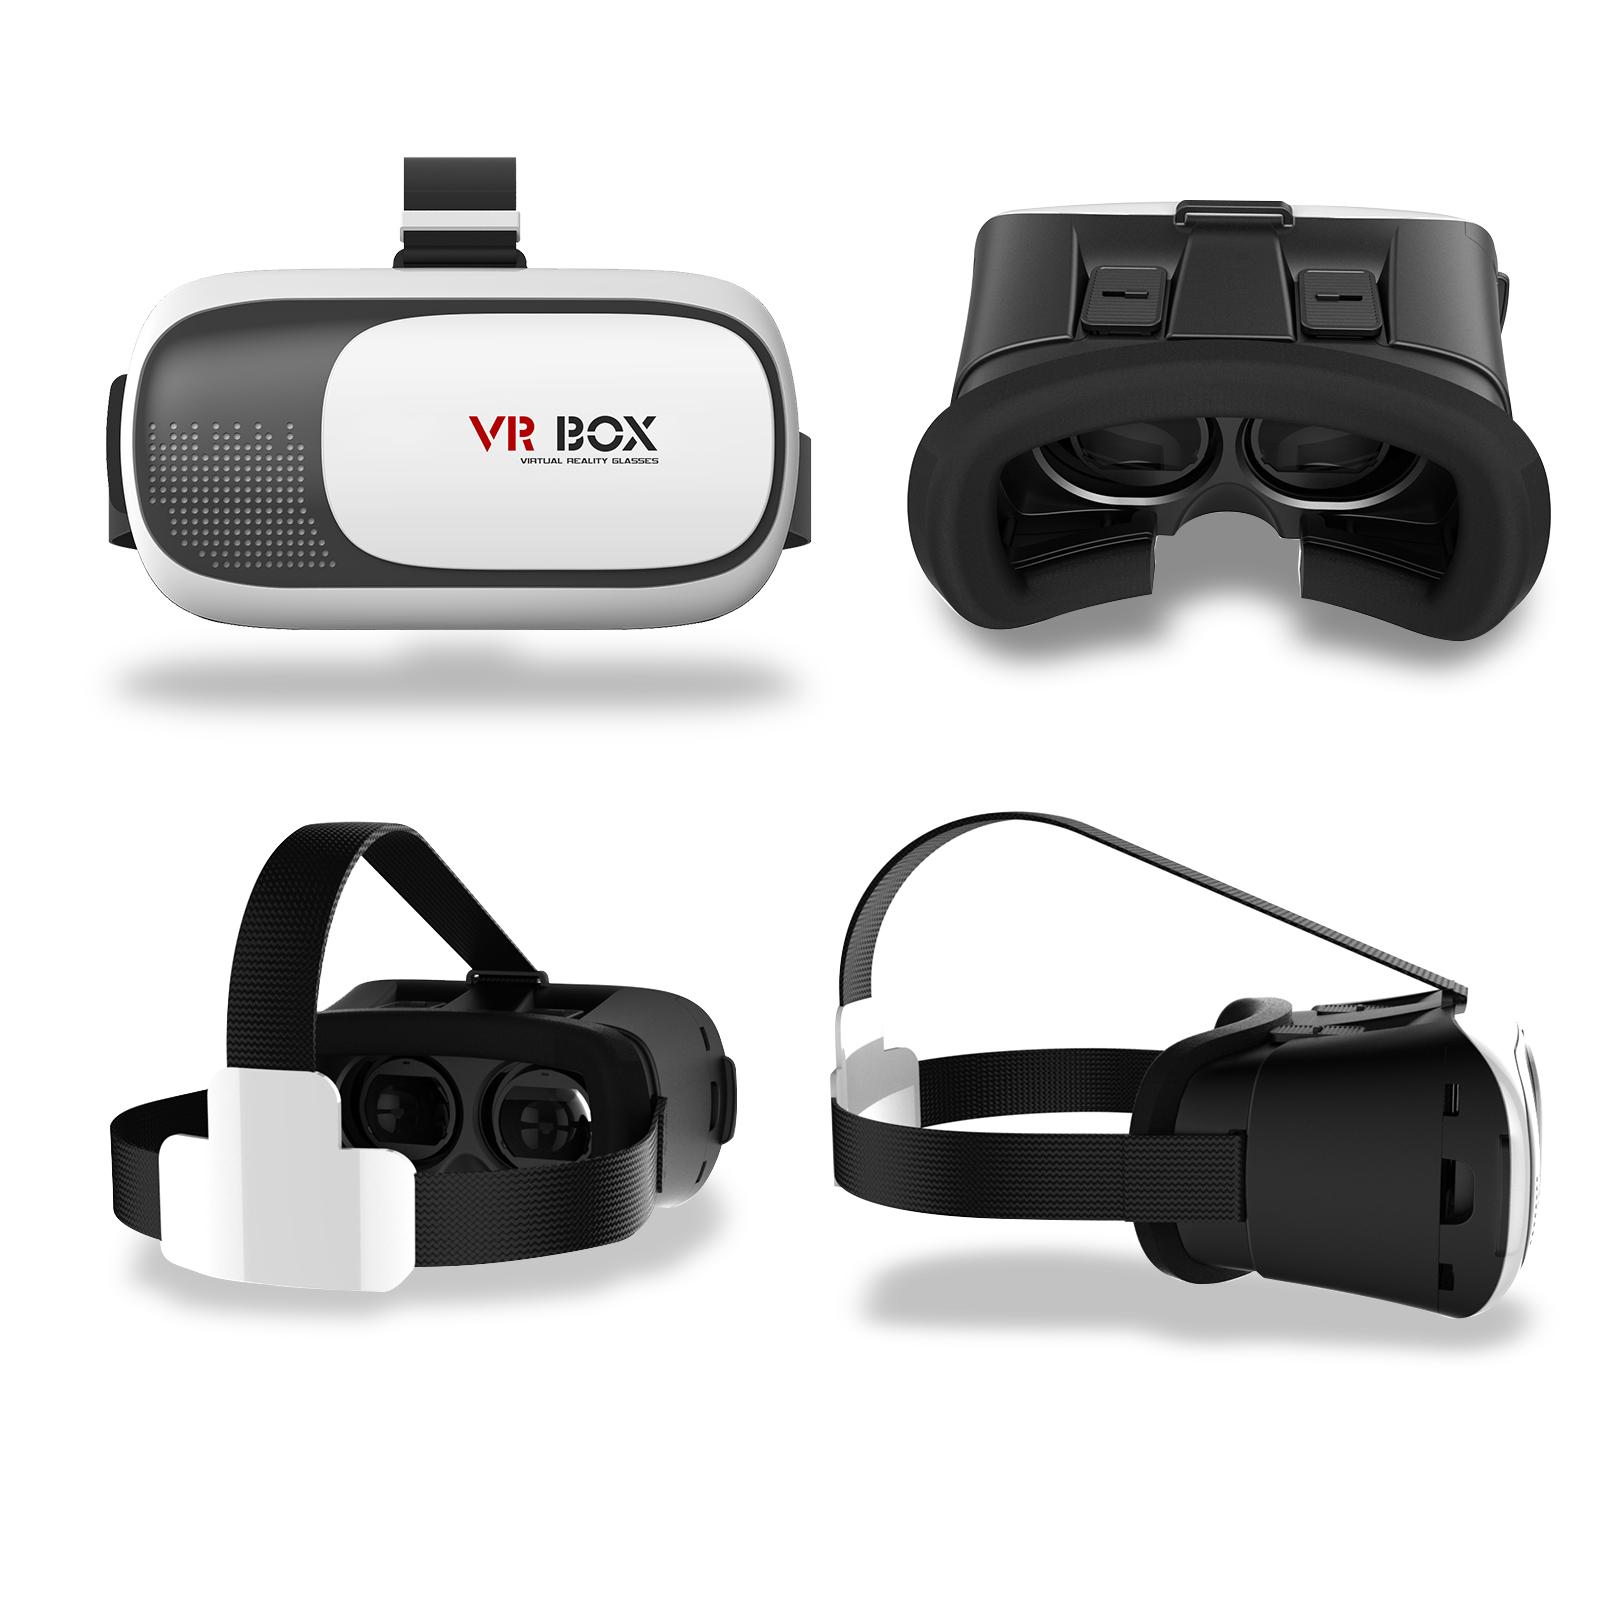 Kính Thực Tế Ảo VR BOX Trắng Cao Cấp AZONE - Hàng Nhập Khẩu